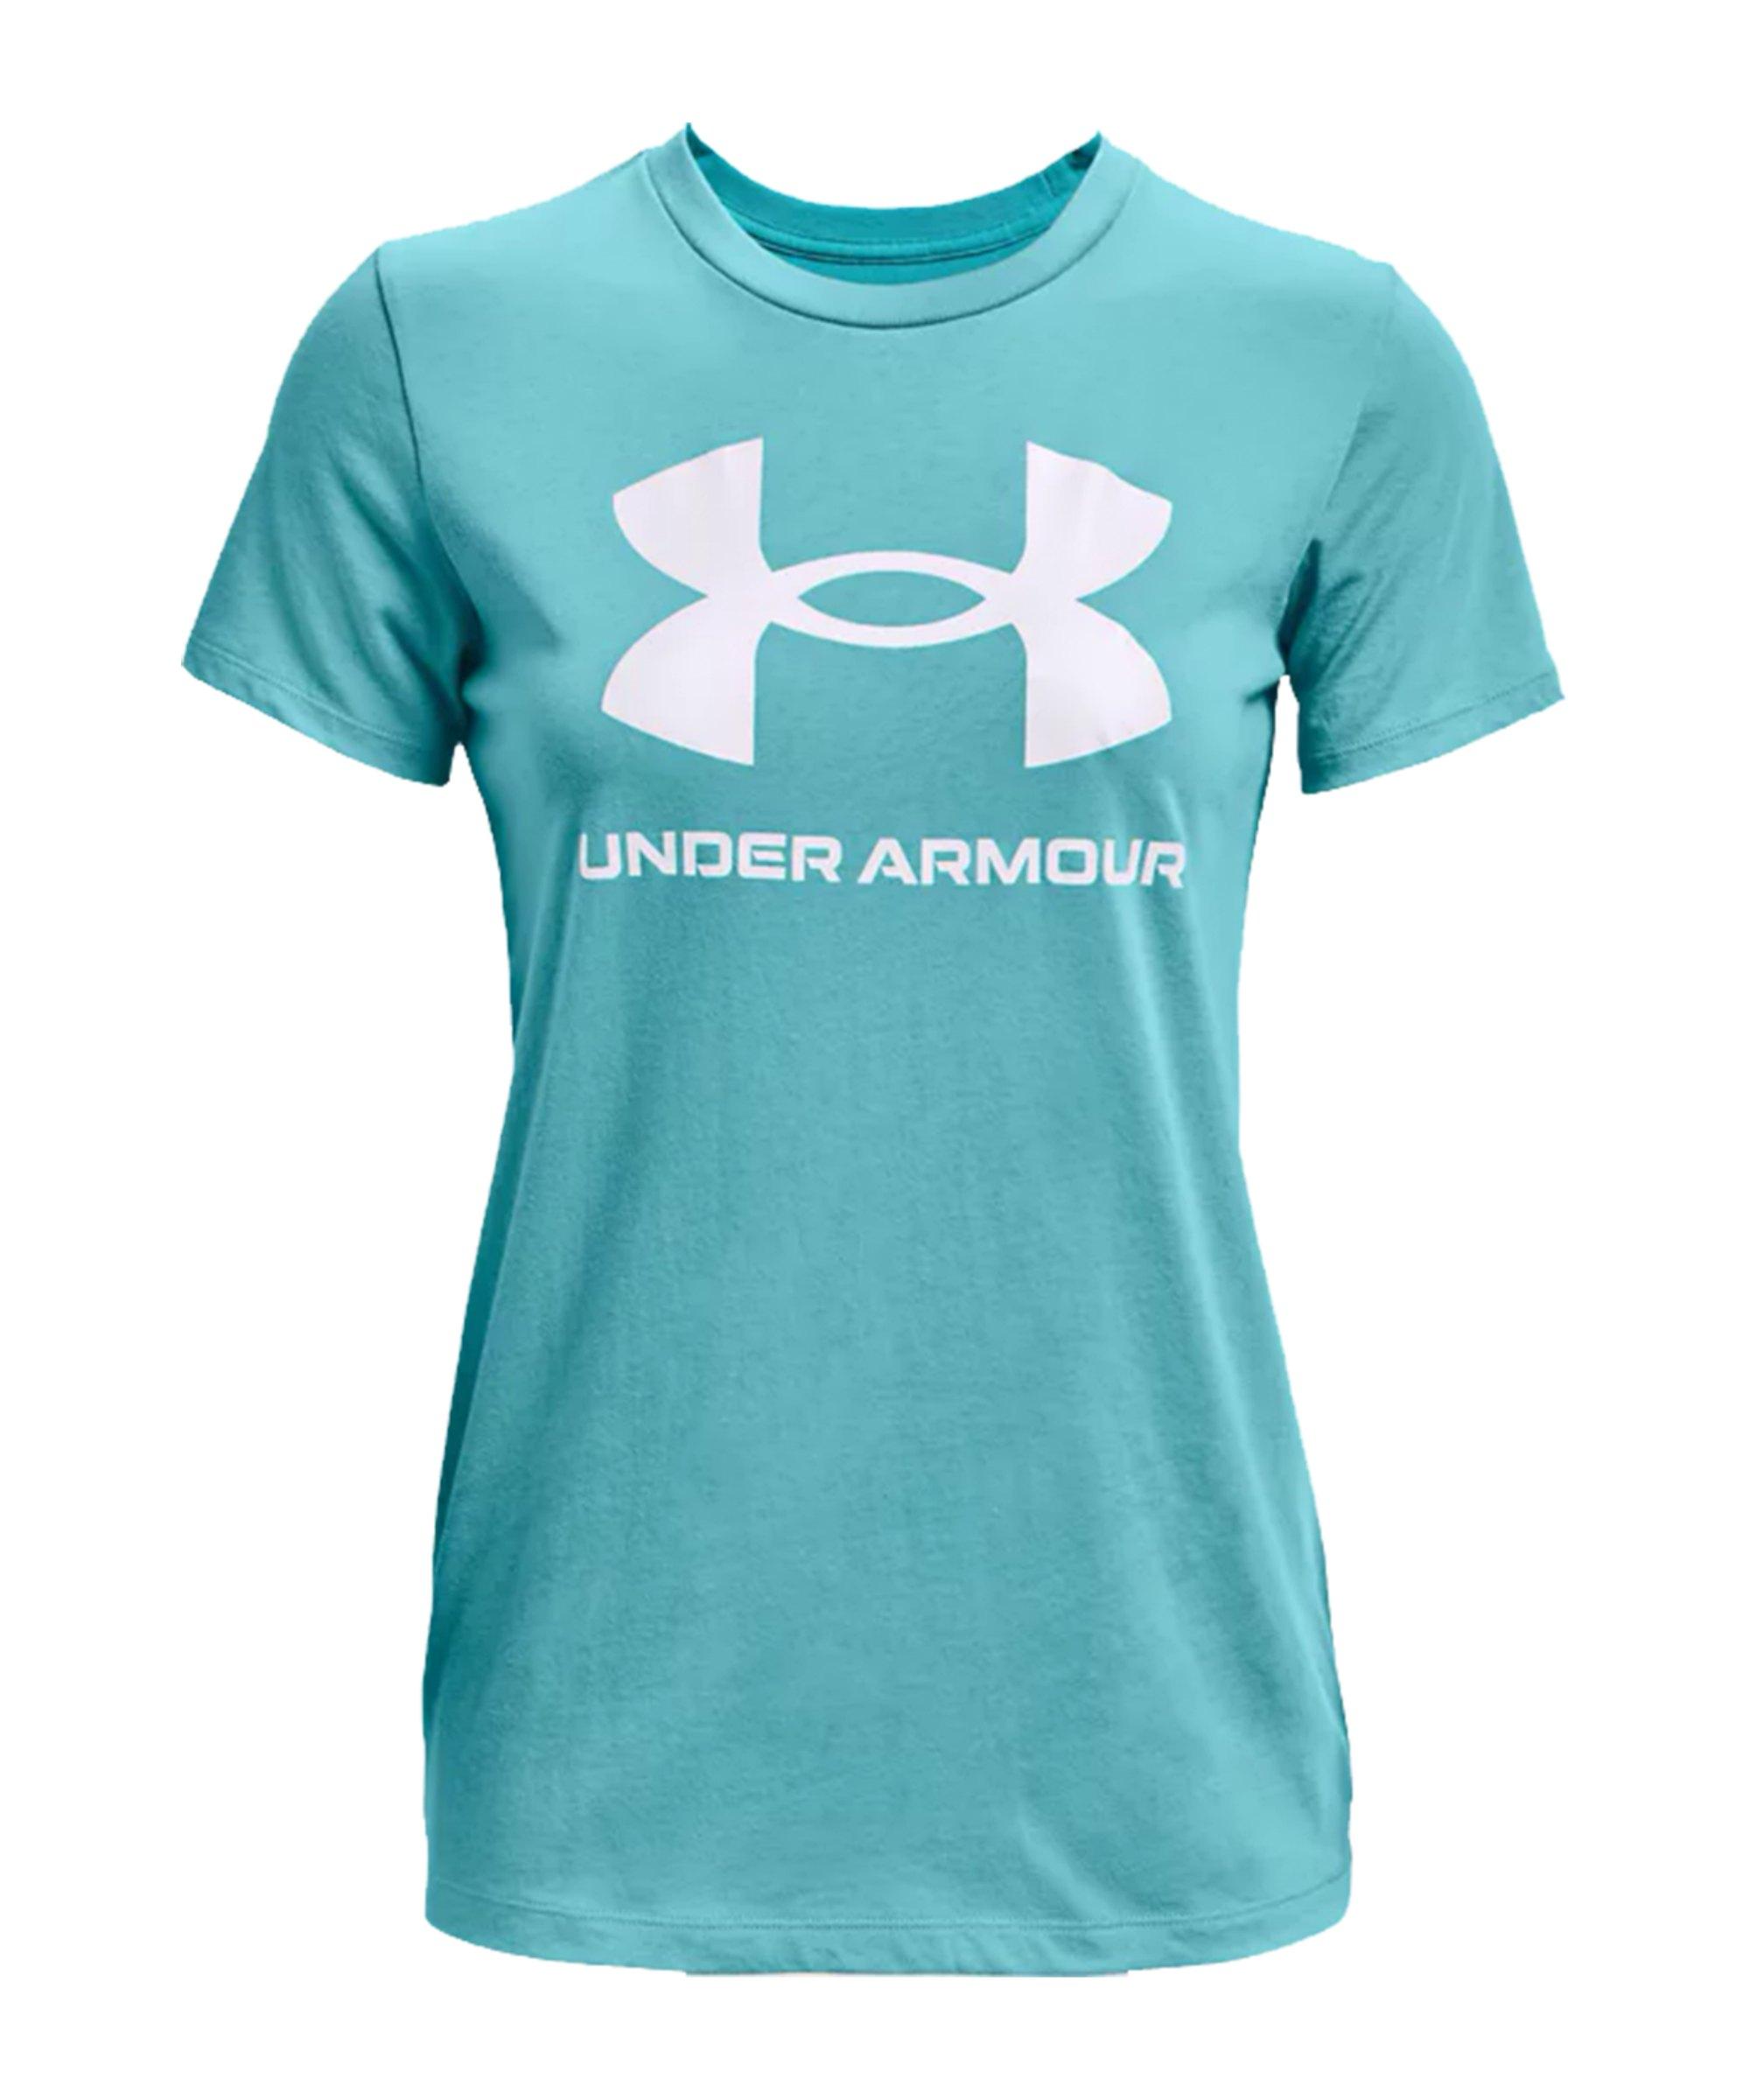 Under Armour Sportstyle Graphic T-Shirt Damen F476 - tuerkis